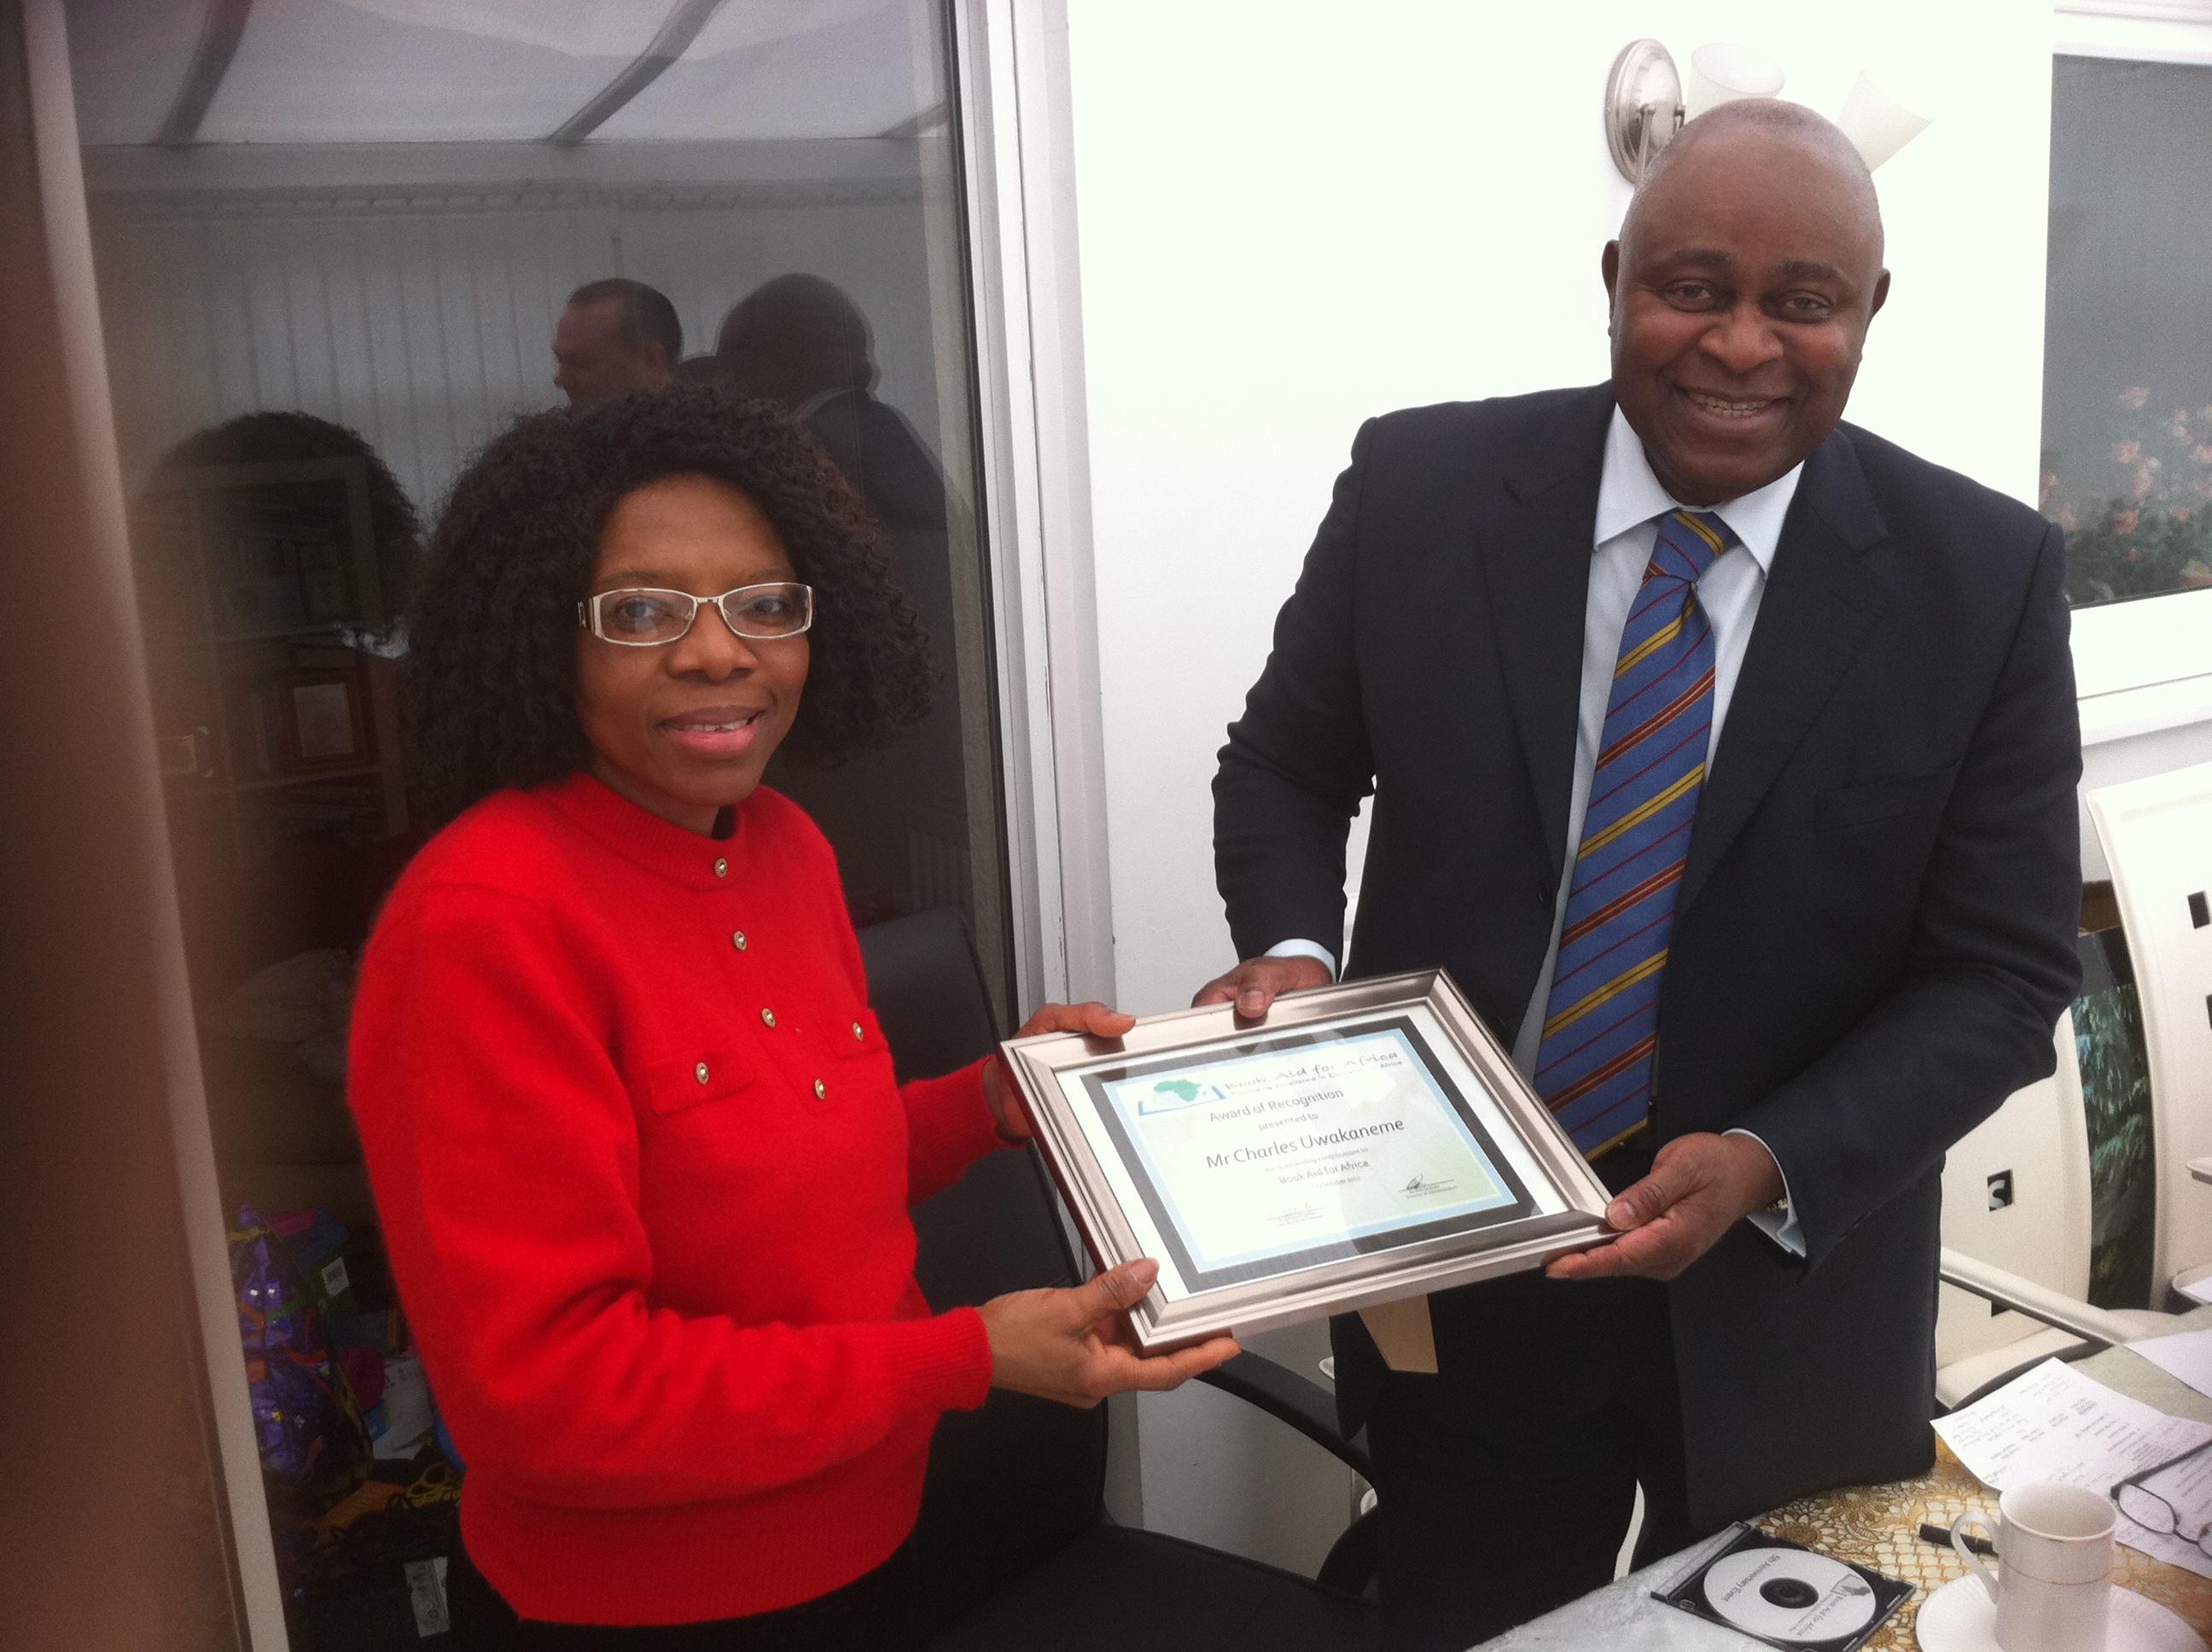 Ngozi Presenting a Certificate-BAFA